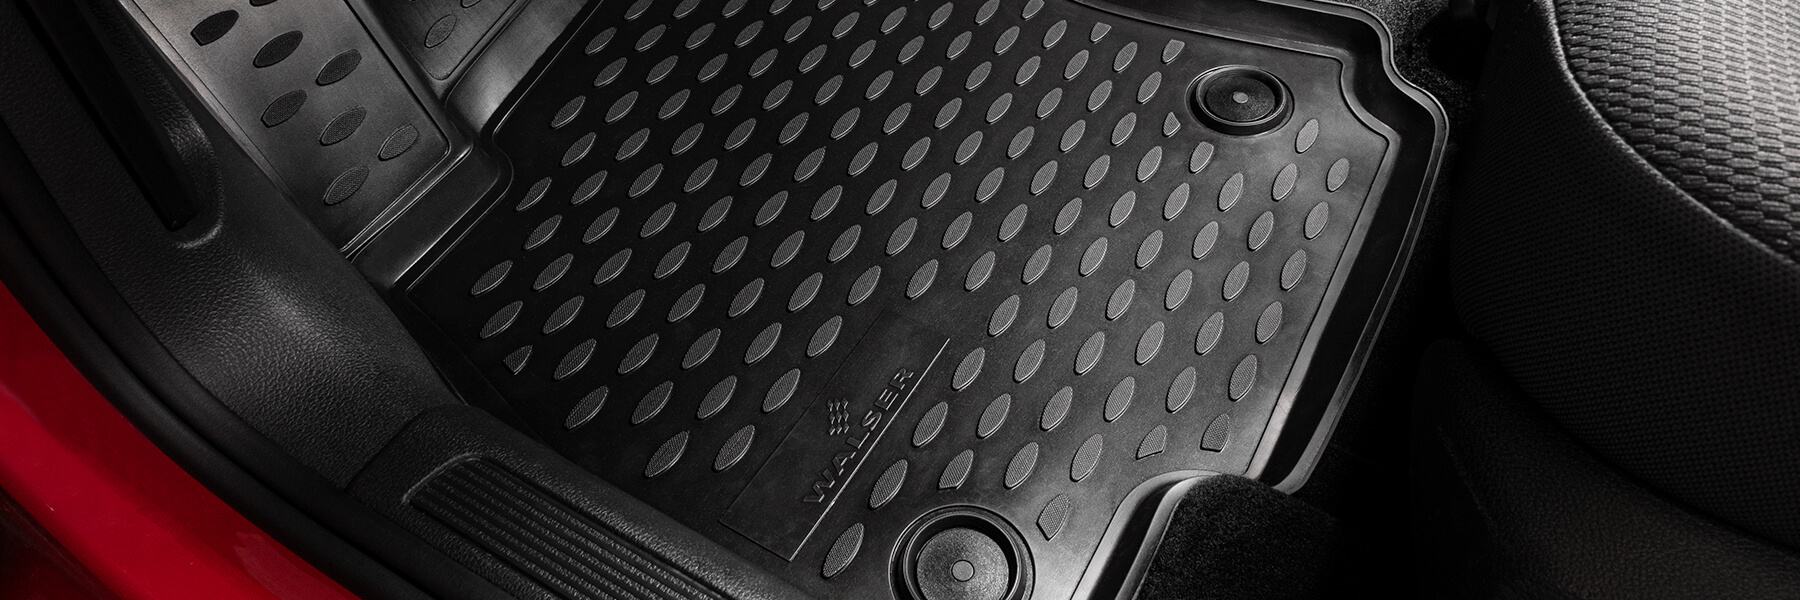 AUTO TEPPICH GUMMIMATTEN VW CADDY III FUßMATTEN NEU PREISAKTION !